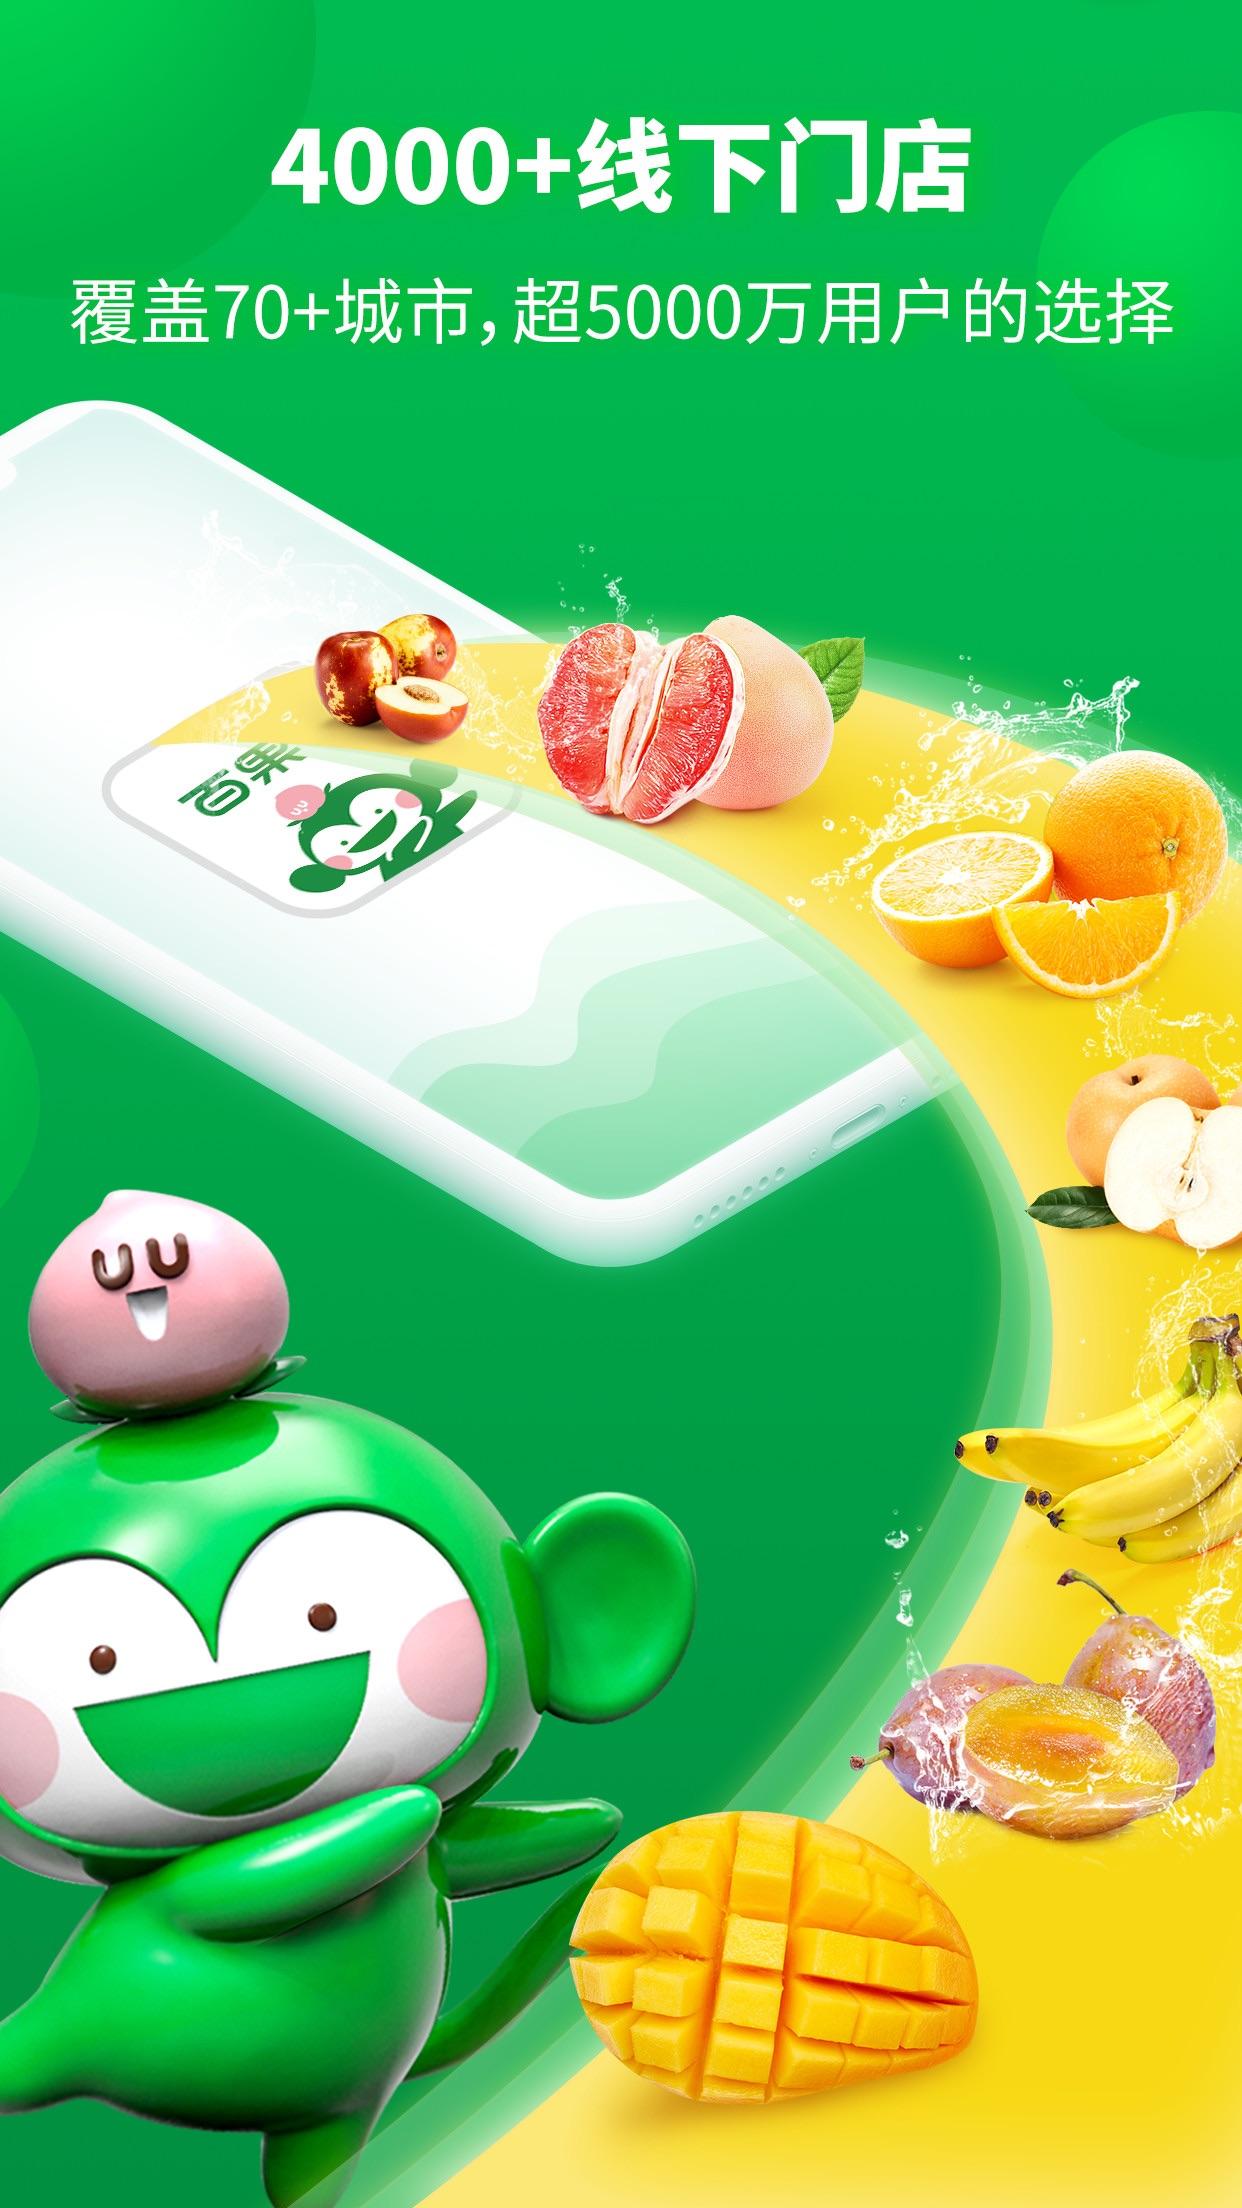 百果园-水果外卖及时送到家 Screenshot